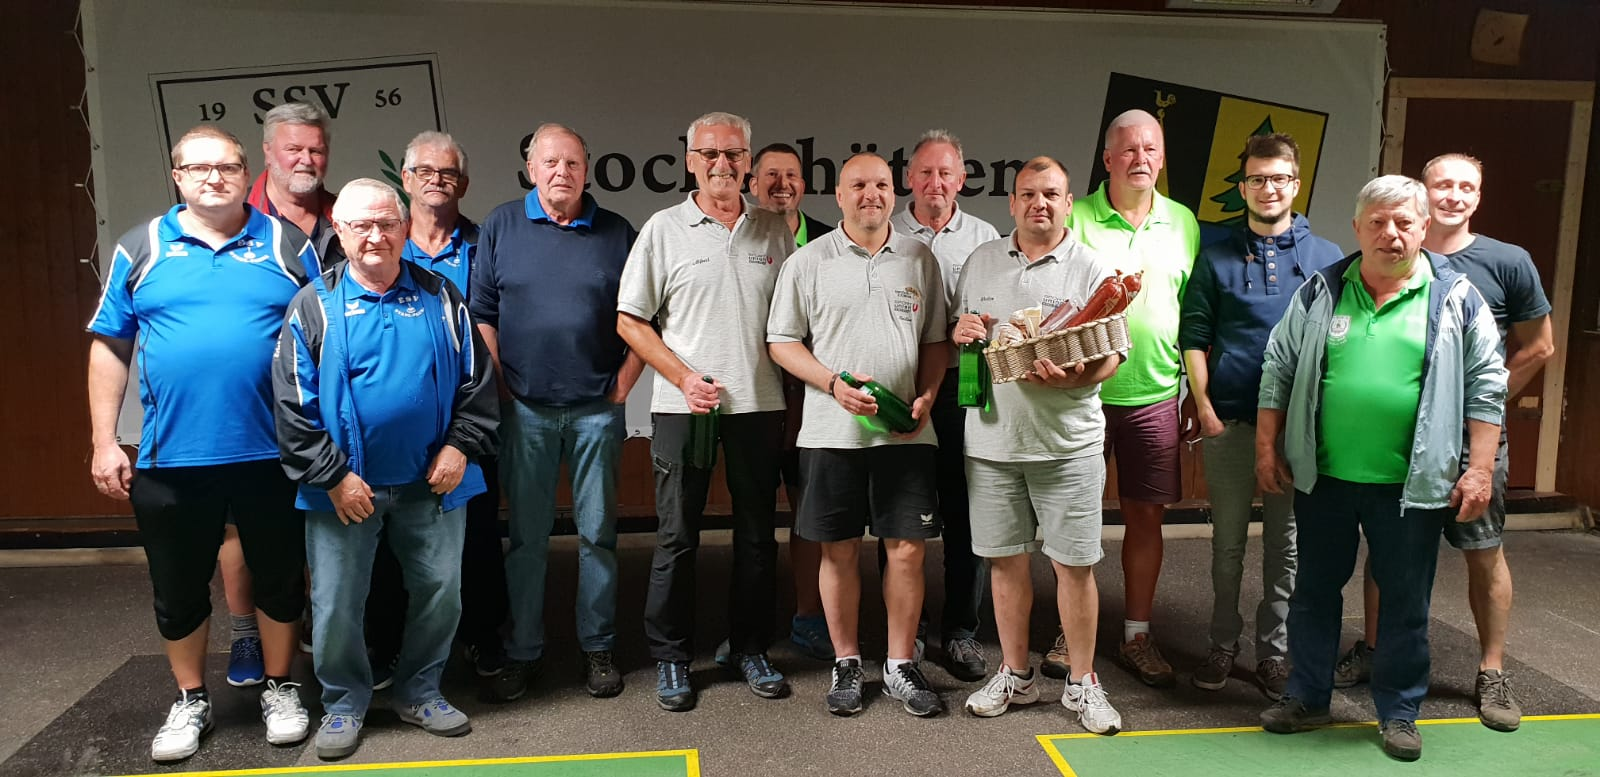 Turnier am 22. 6. 2018 - v.l. 2. USC Attergau, Sieger Union Gschwandt, 3. SSV Altmünster